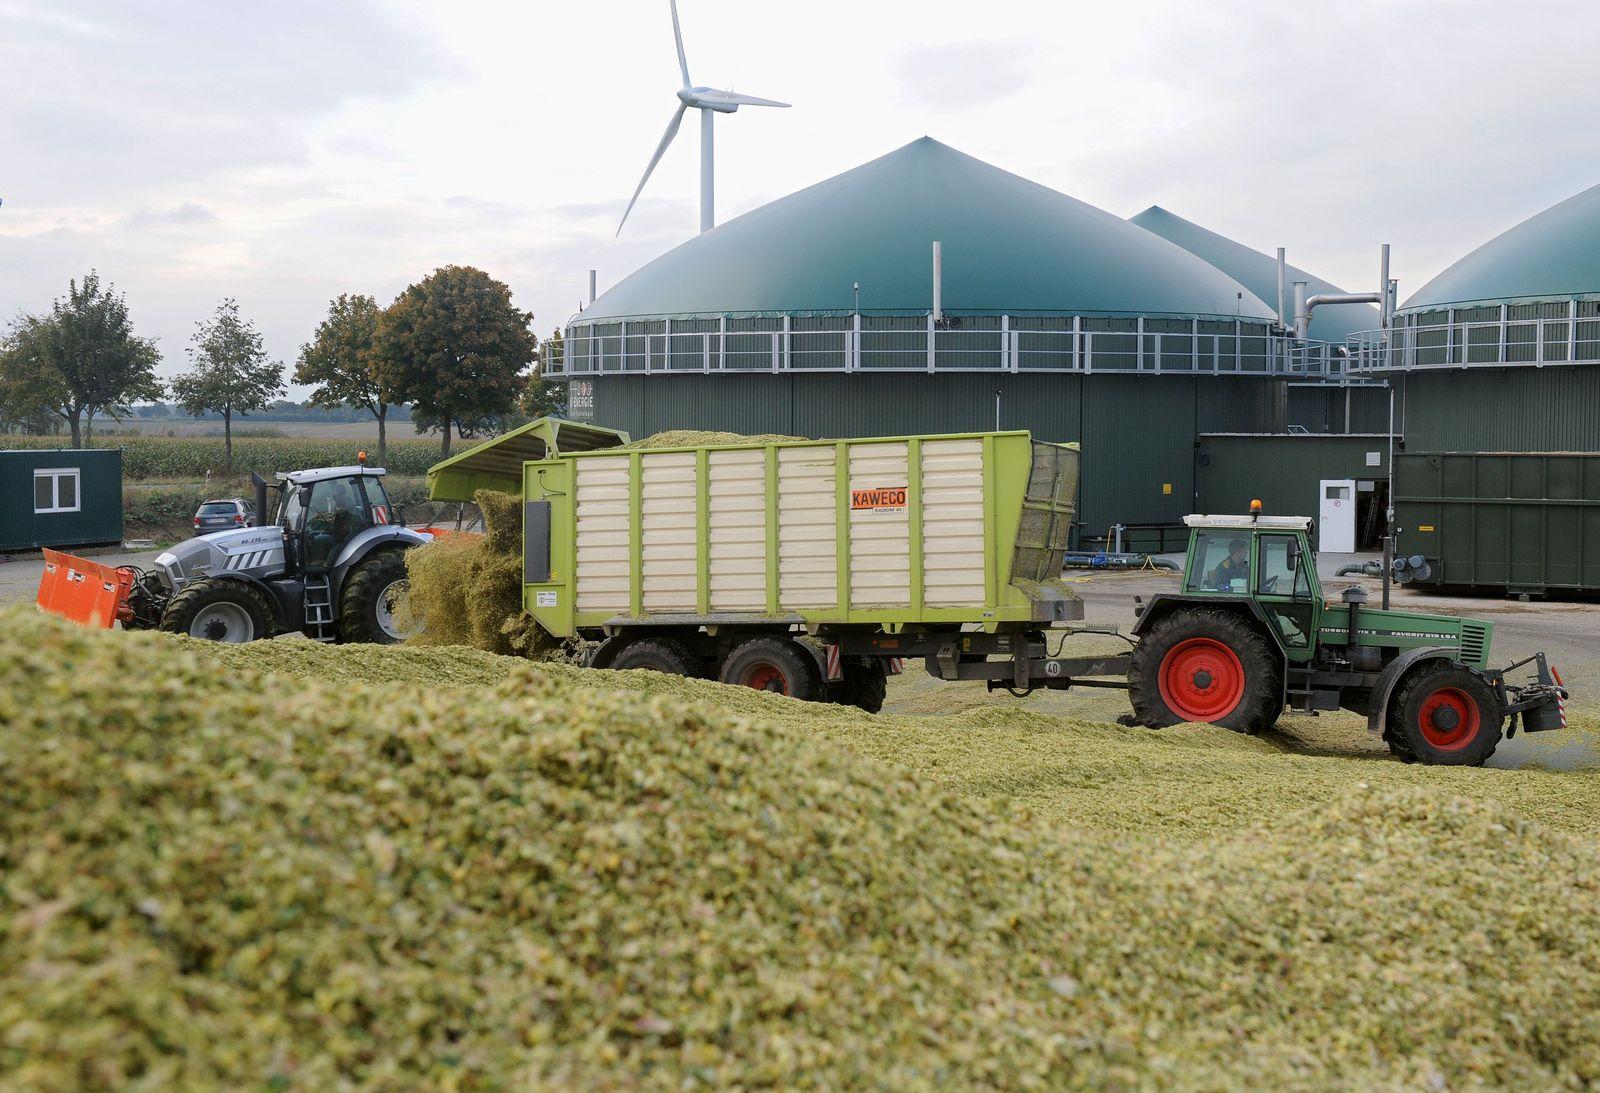 SPIN 11/2013 pp 18 / Energiewende / Maisanlieferung auf Biogasanlage